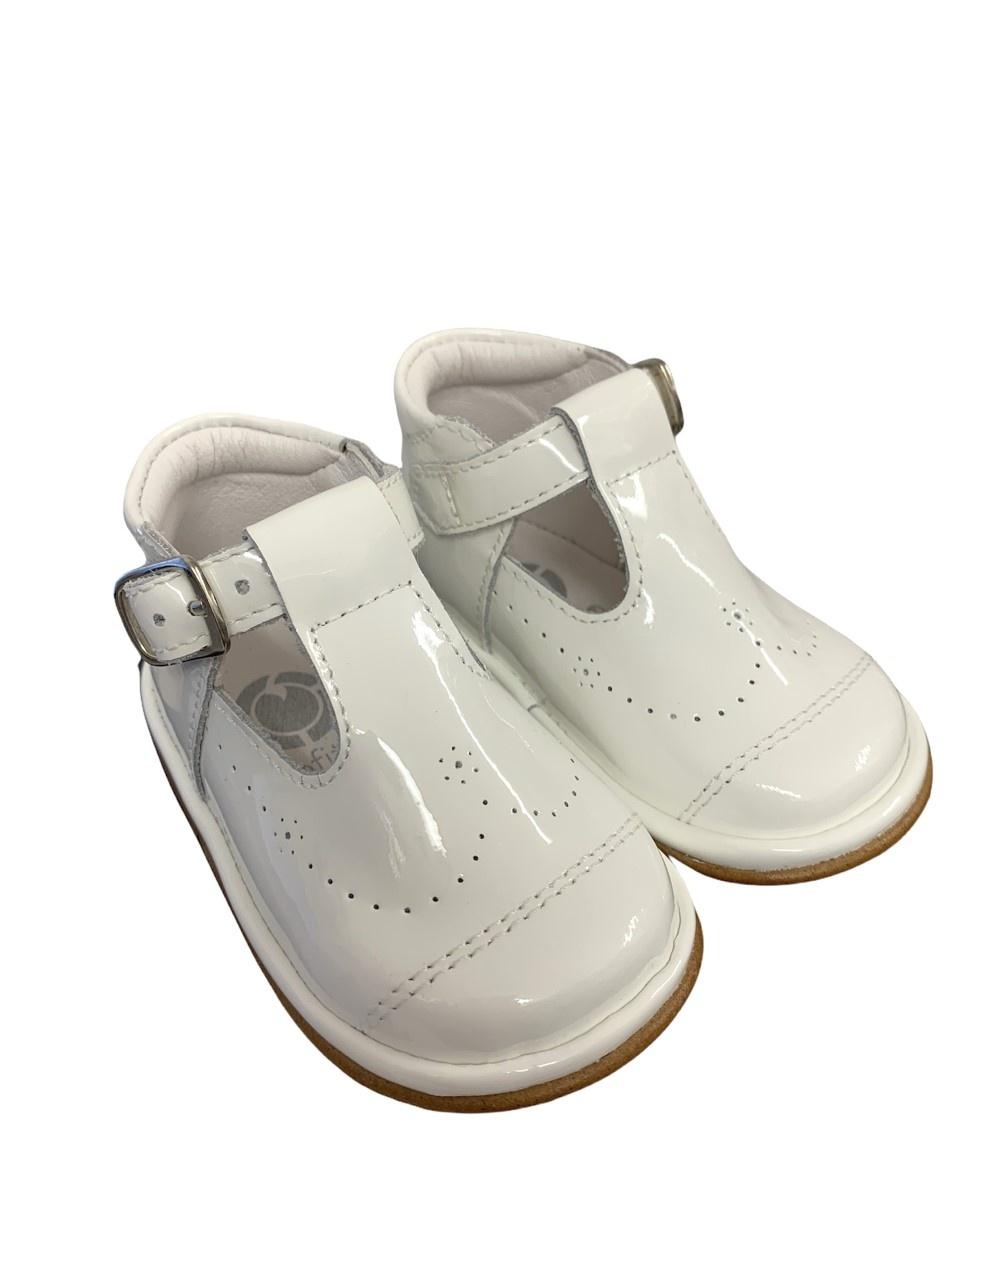 Fofito Fofito Alvaro Boys White Patent Shoe - 2976